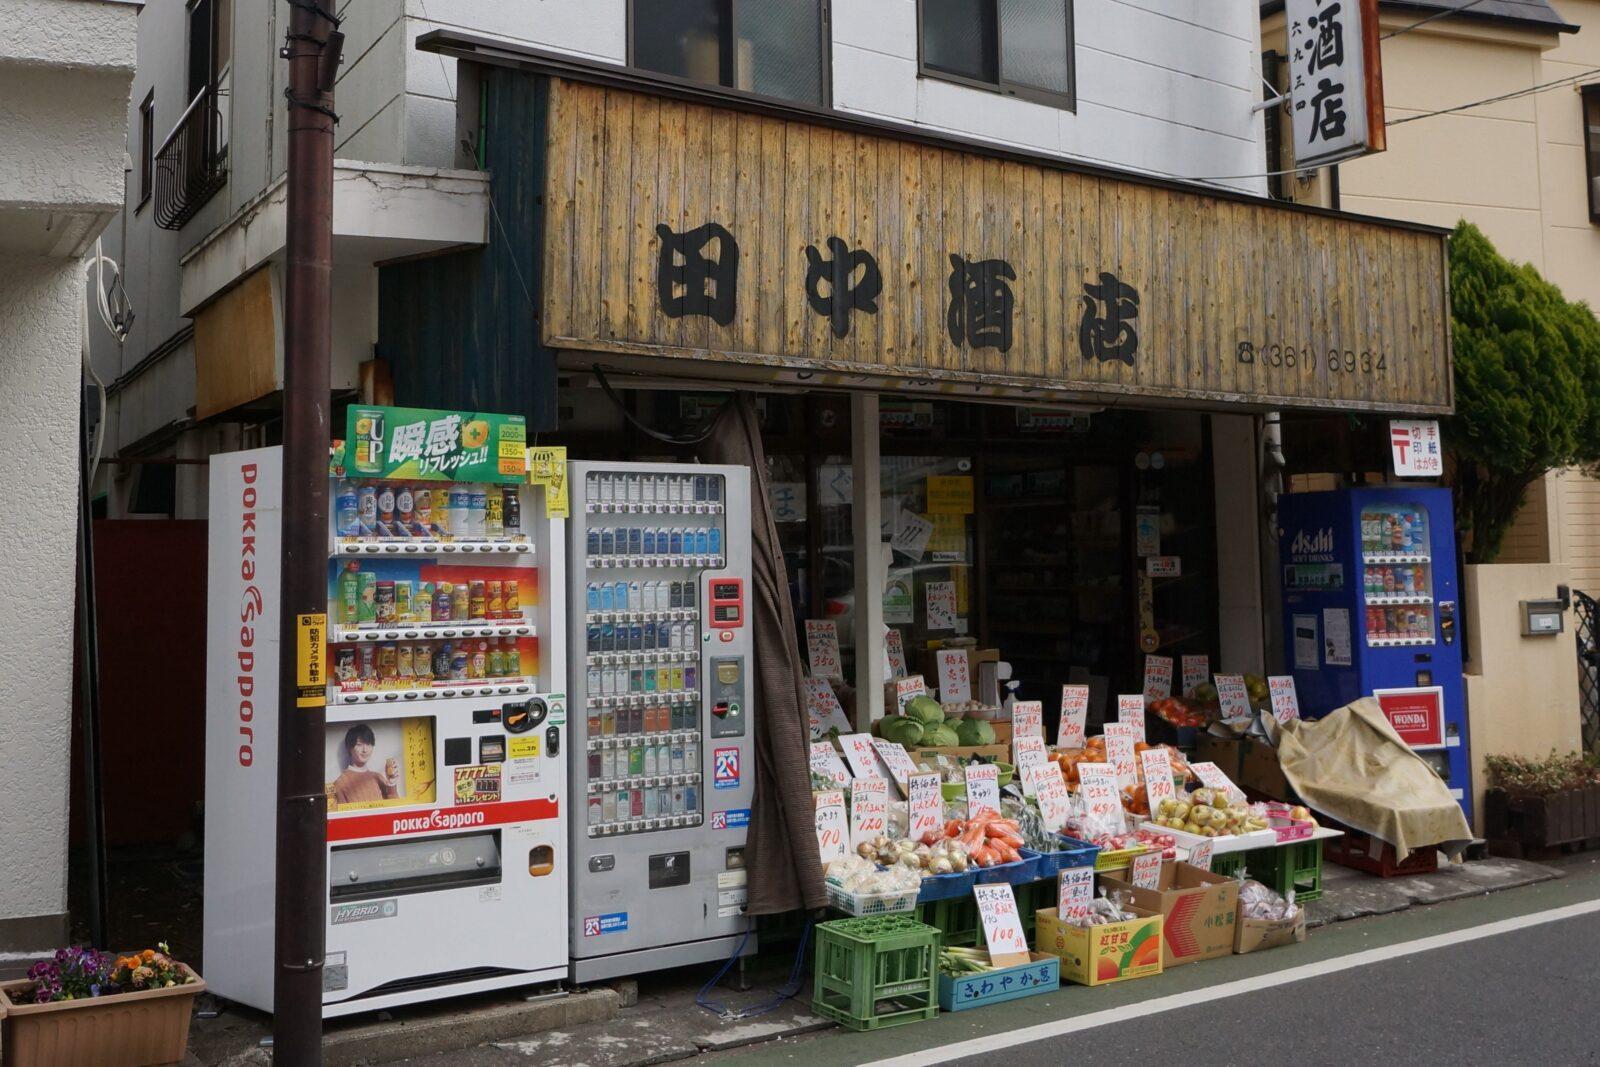 【府中市】店主こだわりの山梨産・新鮮野菜が並ぶ酒屋さん